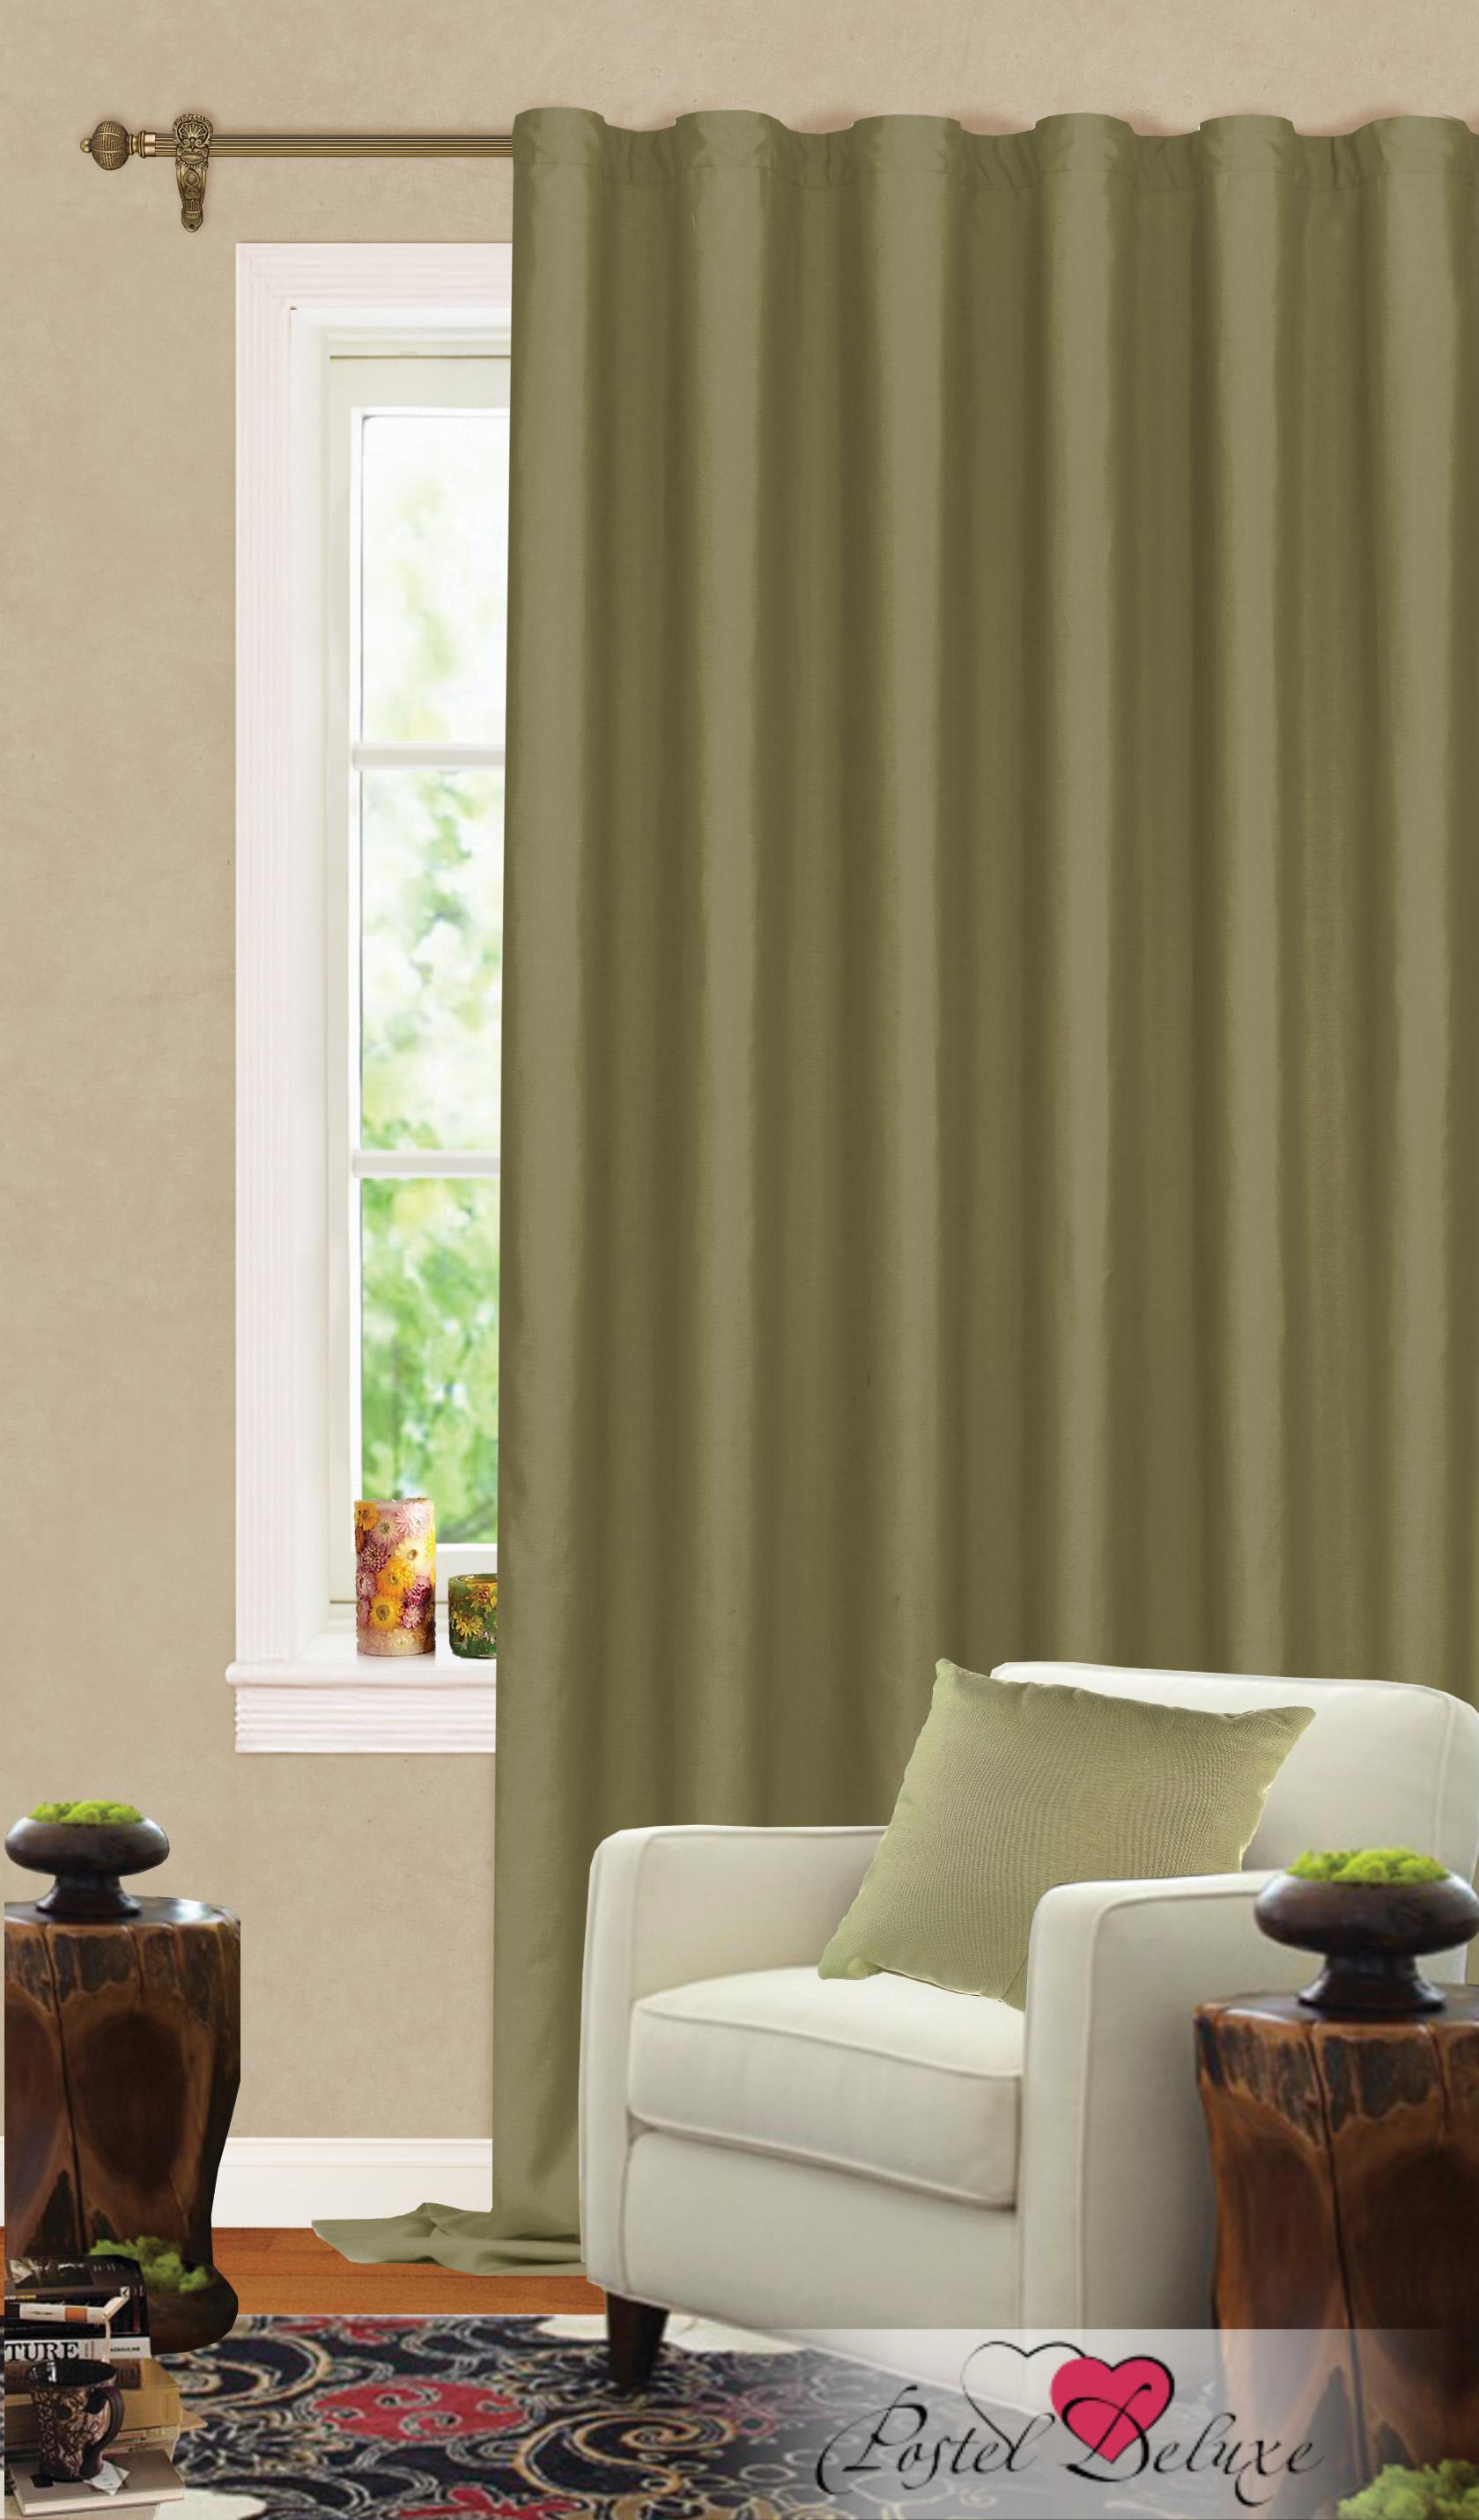 Купить Шторы Garden, Классические шторы Helen Цвет: Болотный, Турция, Зеленый, Портьерная ткань